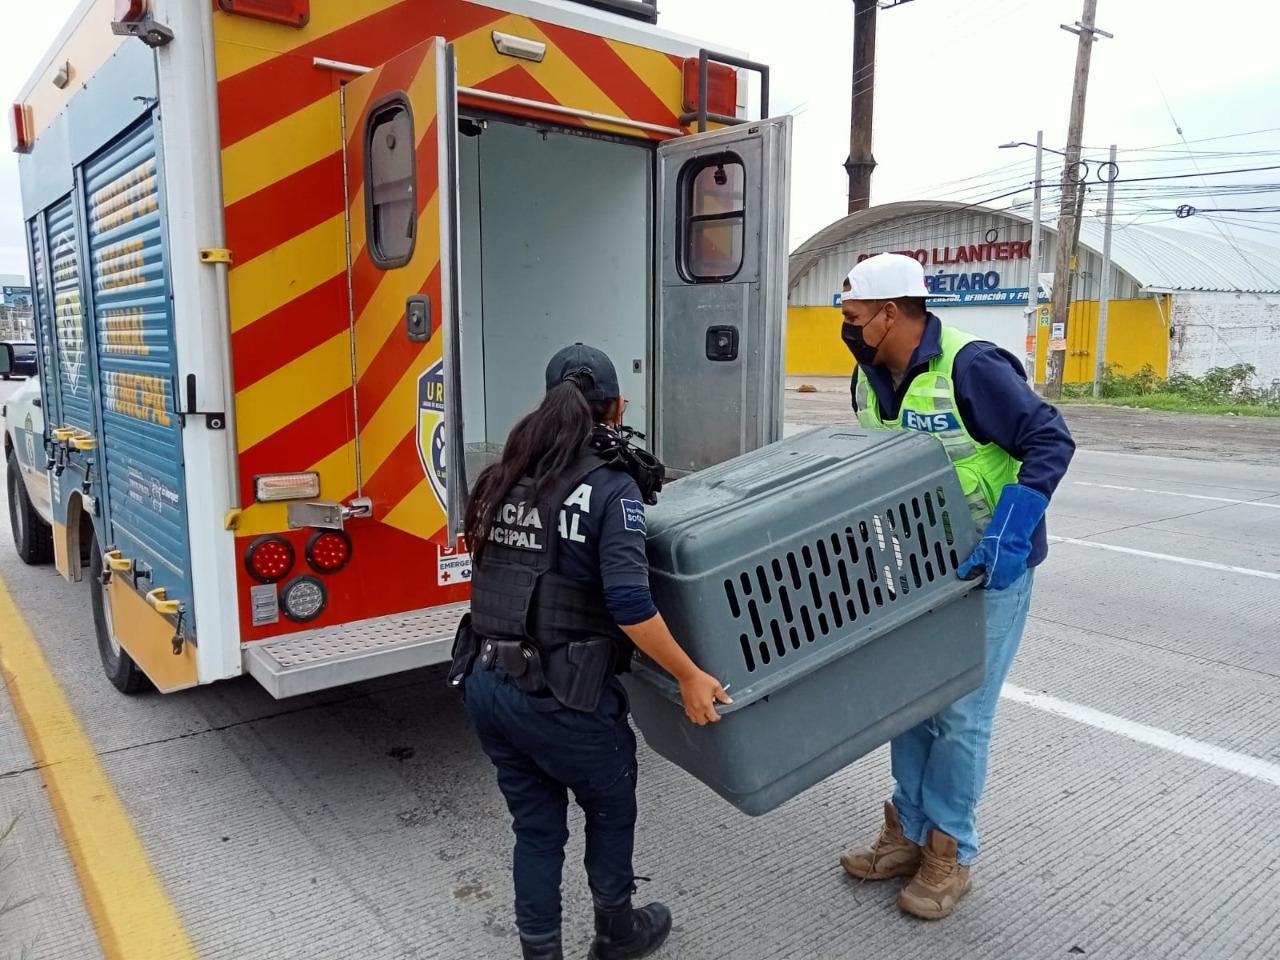 Municipio de El Marqués ha sancionado 45 actos de maltrato animal